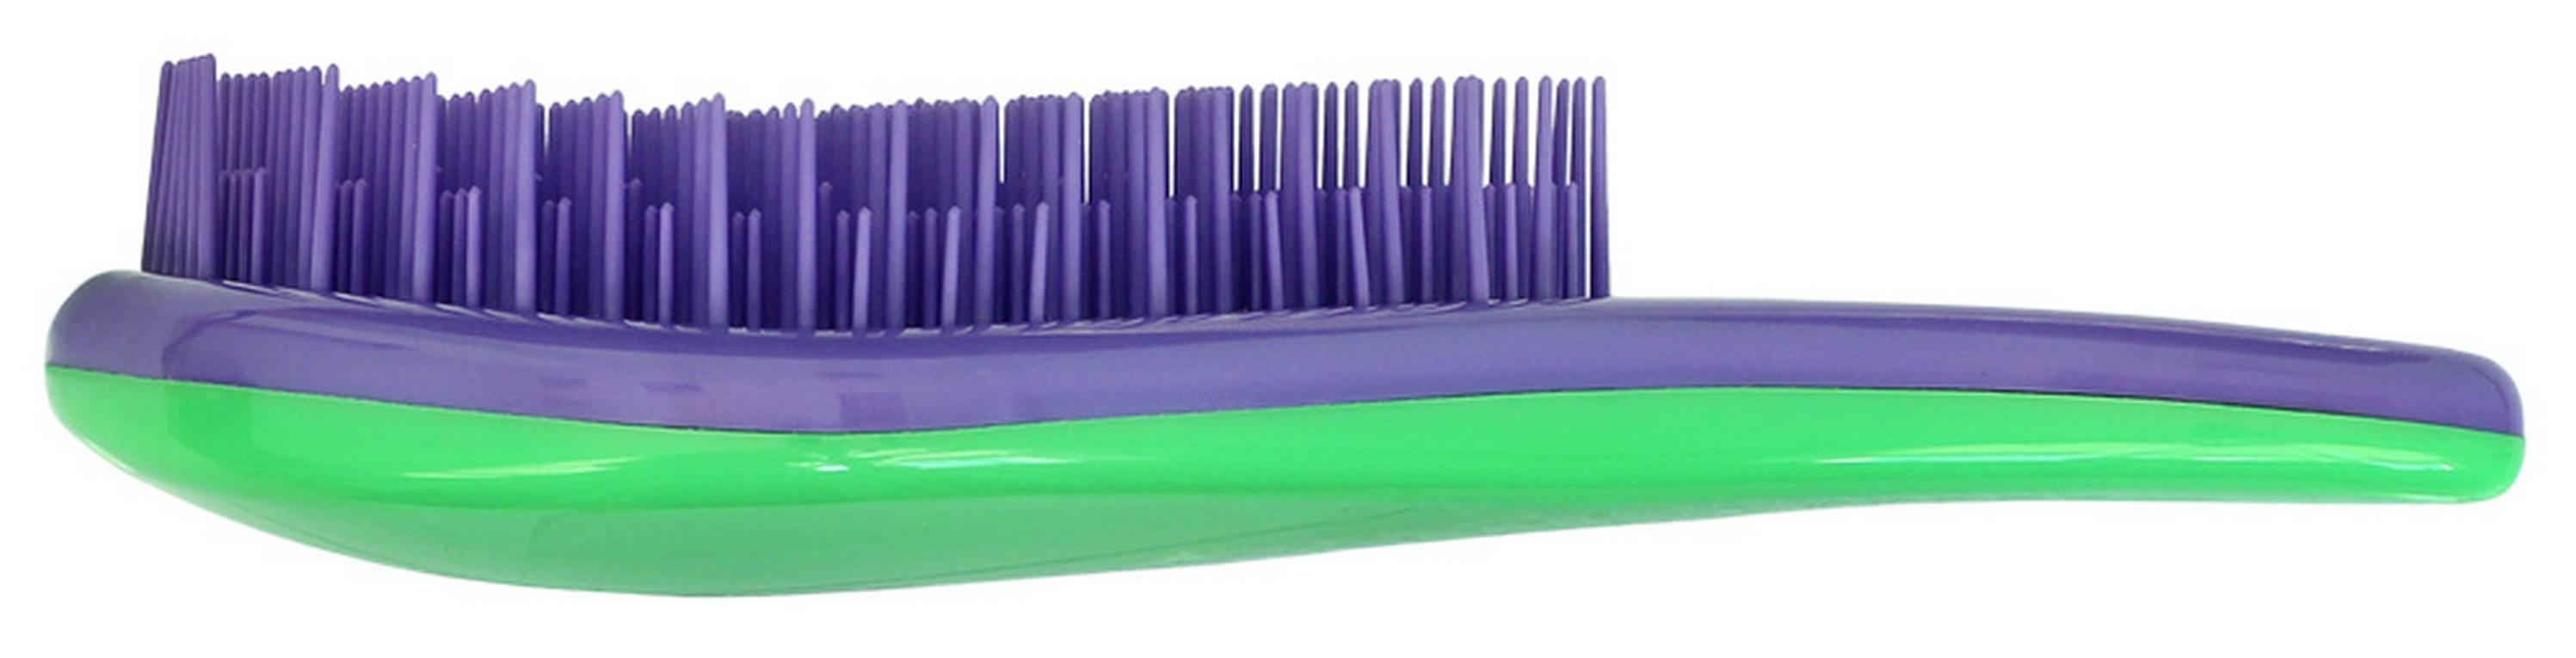 Щетка для волос для распутывания волос Detangler фиолетовый/зеленыйCDB 606Специально созданная щетка для волос для того, чтобы справляться с сильно запутавшимися волосами. Уникальная инновационная конструкция гибких зубчиков позволяет безвредно для волос устранить узелки и распутать пряди. Расчёсывает волосы быстро, легко и не требует использования дополнительных средств. Подходит для любого типа волос, включая тонкие, ломкие, кудрявые и жёсткие волосыНаличие ручки делает удобным расчесывание, а слегка изогнутая форма щетки в виде капли отлично лежит в руке и не выскальзывает, что особенно важно при расчесывании влажных волос. Уникальные зубчики щетки Clarette Detangler имеют повышенную гибкость и мягко преодолевают любое препятствие в волосах. Зубчики у расчески очень короткие и легкогнутся. При расчесывании они пропускают сквозь себя пряди любой длины и фактуры, не цепляя их и не «скатывая» в колтуны. Высококачественный упругий пластик, из которого сделаны зубчики расчески, не царапает кожу головы, а мягко воздействует на нее, обеспечивая массажный...